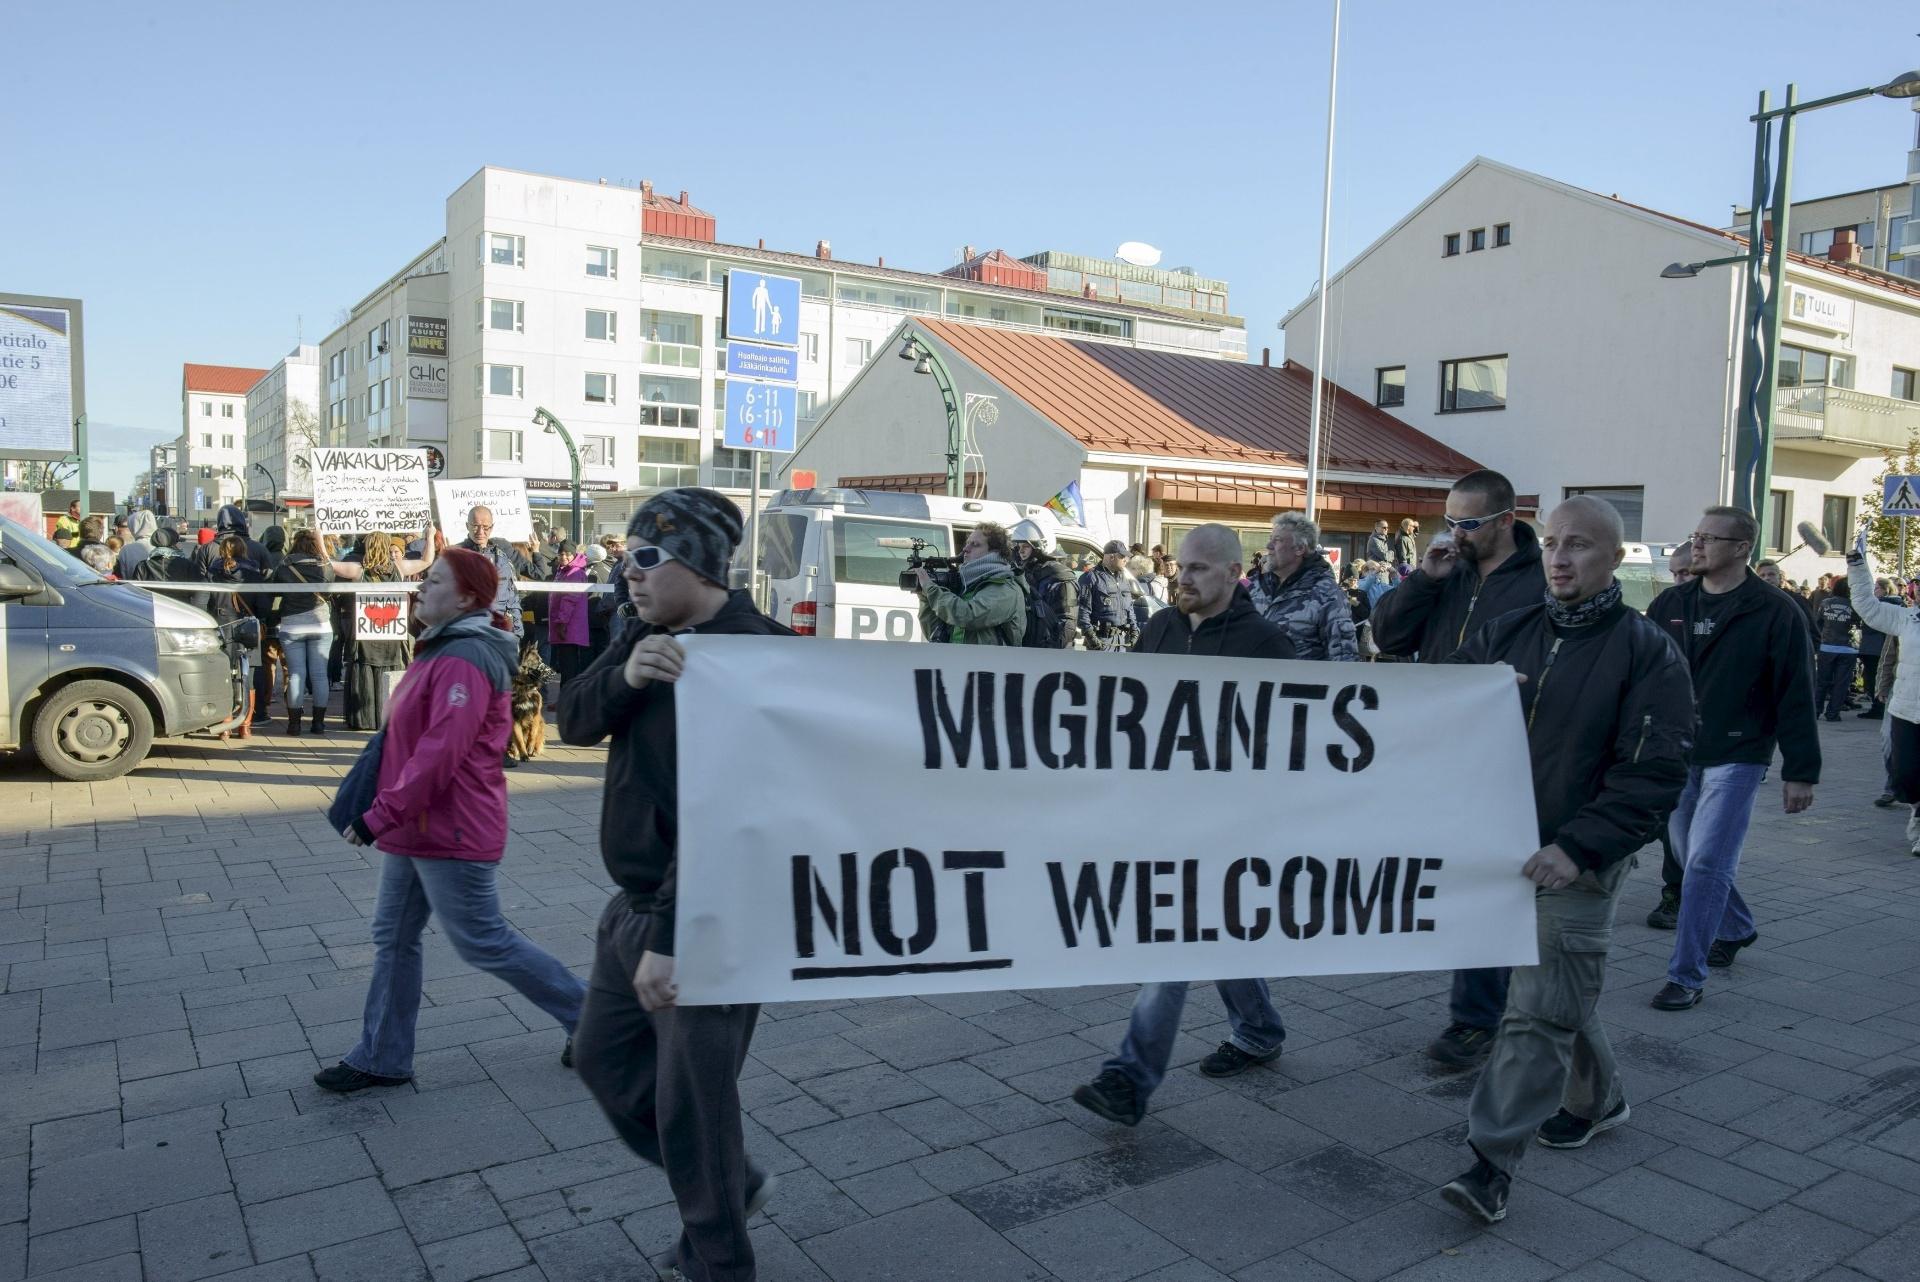 3.out.2015 - Manifestantes contra e a favor de imigrantes se cruzam na cidade de Tornio, na Finlândia. Segundo o FMI, refugiados podem pesar no orçamento europeu, mas impulsionarão crescimento no longo prazo